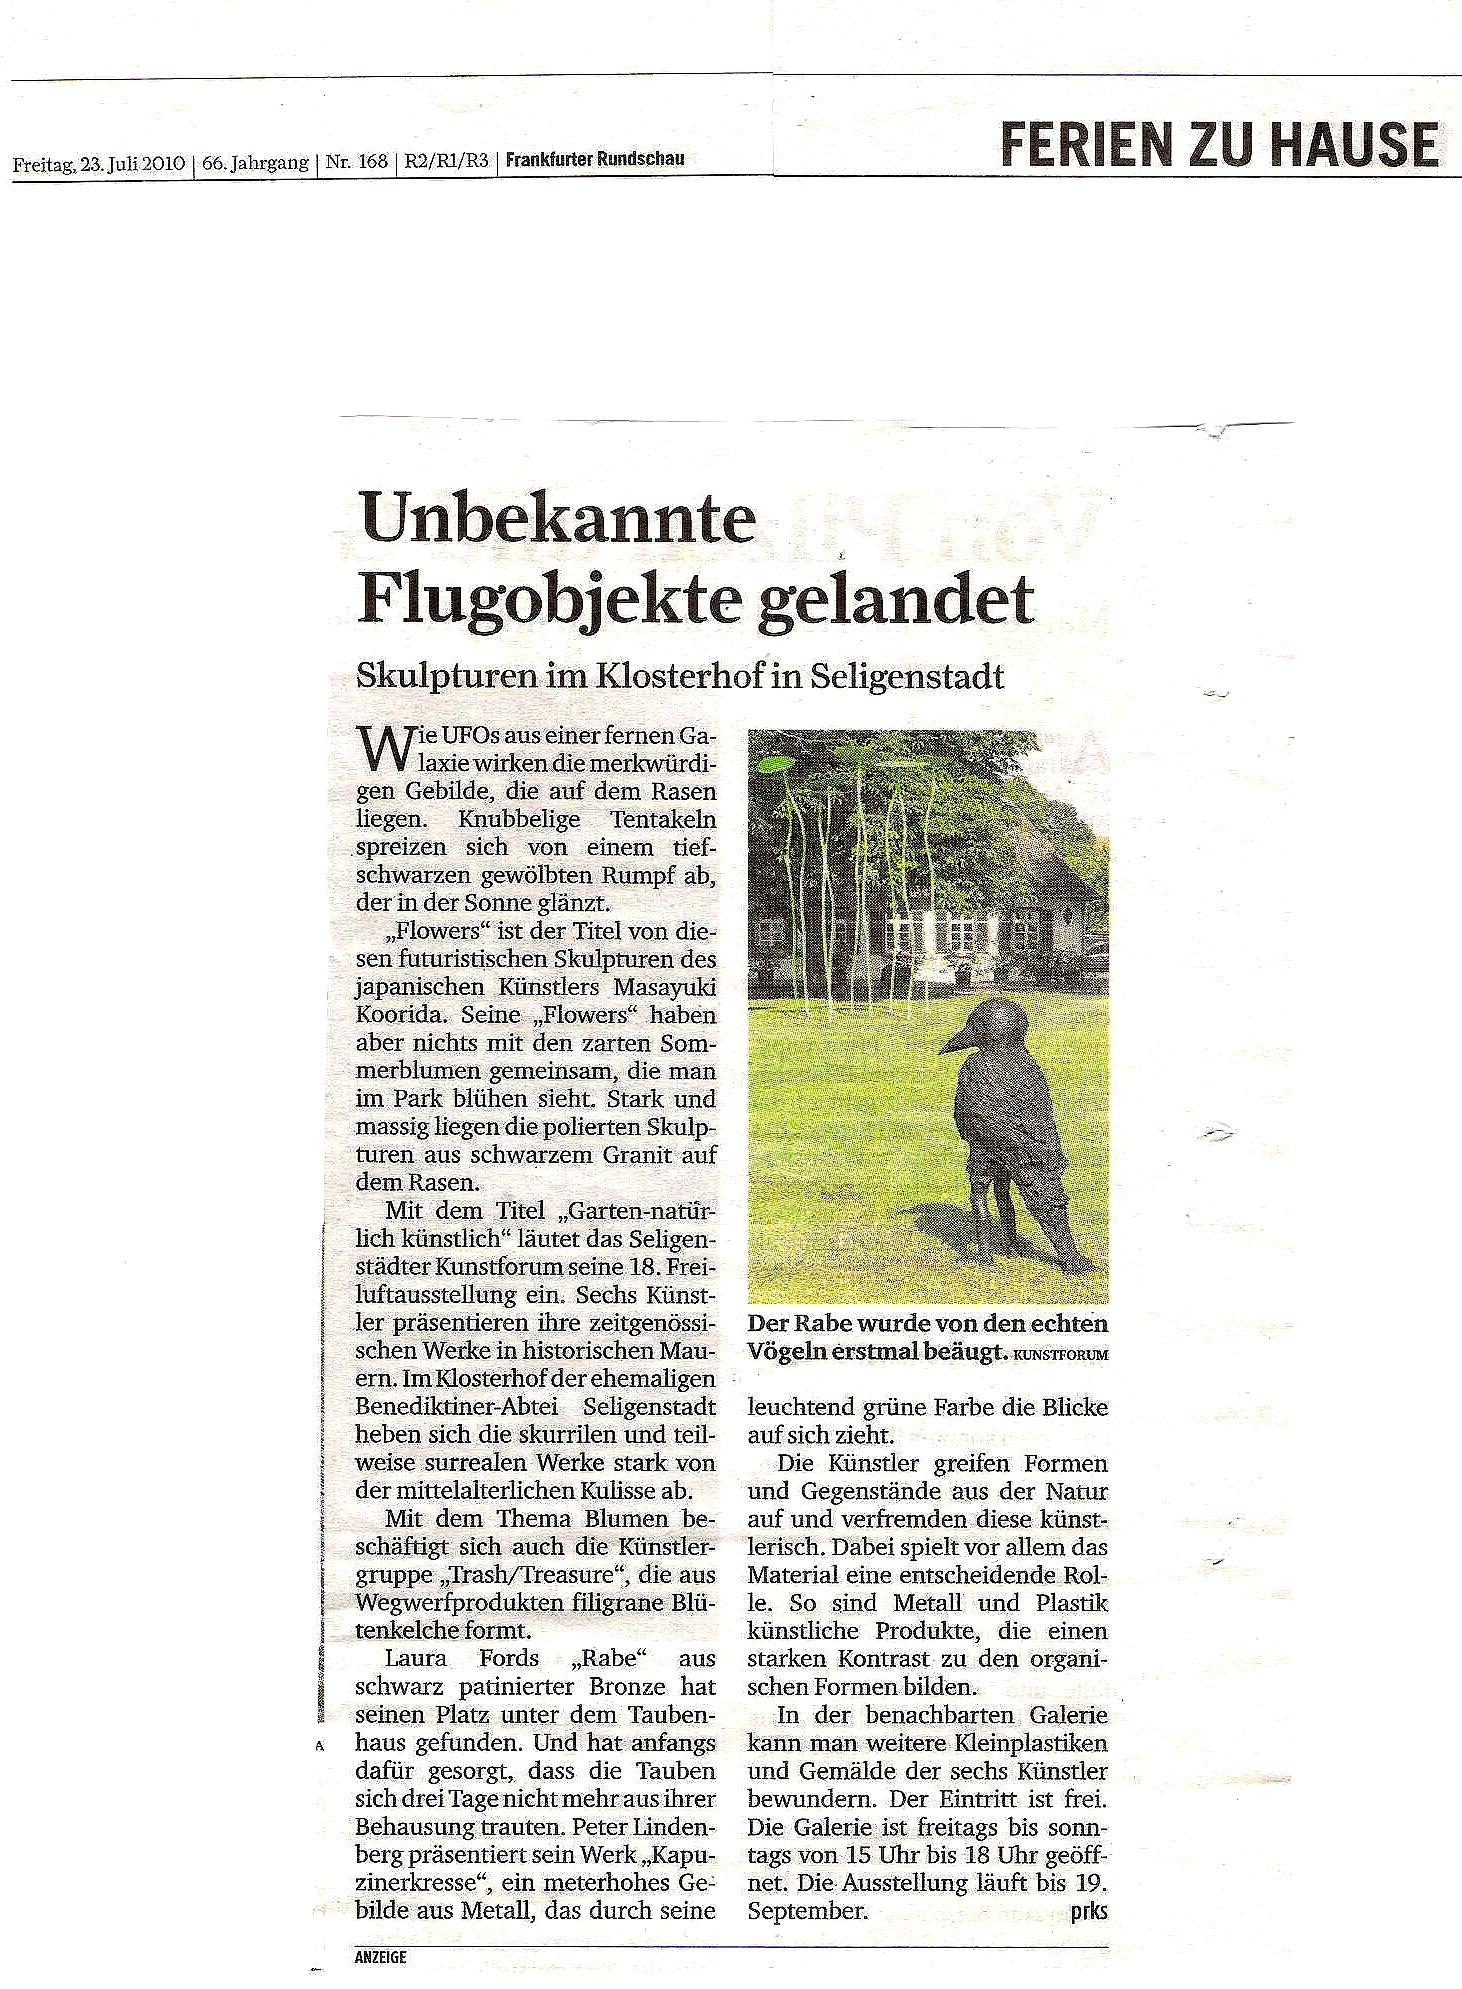 Artikel Rundschau 23.7.2010